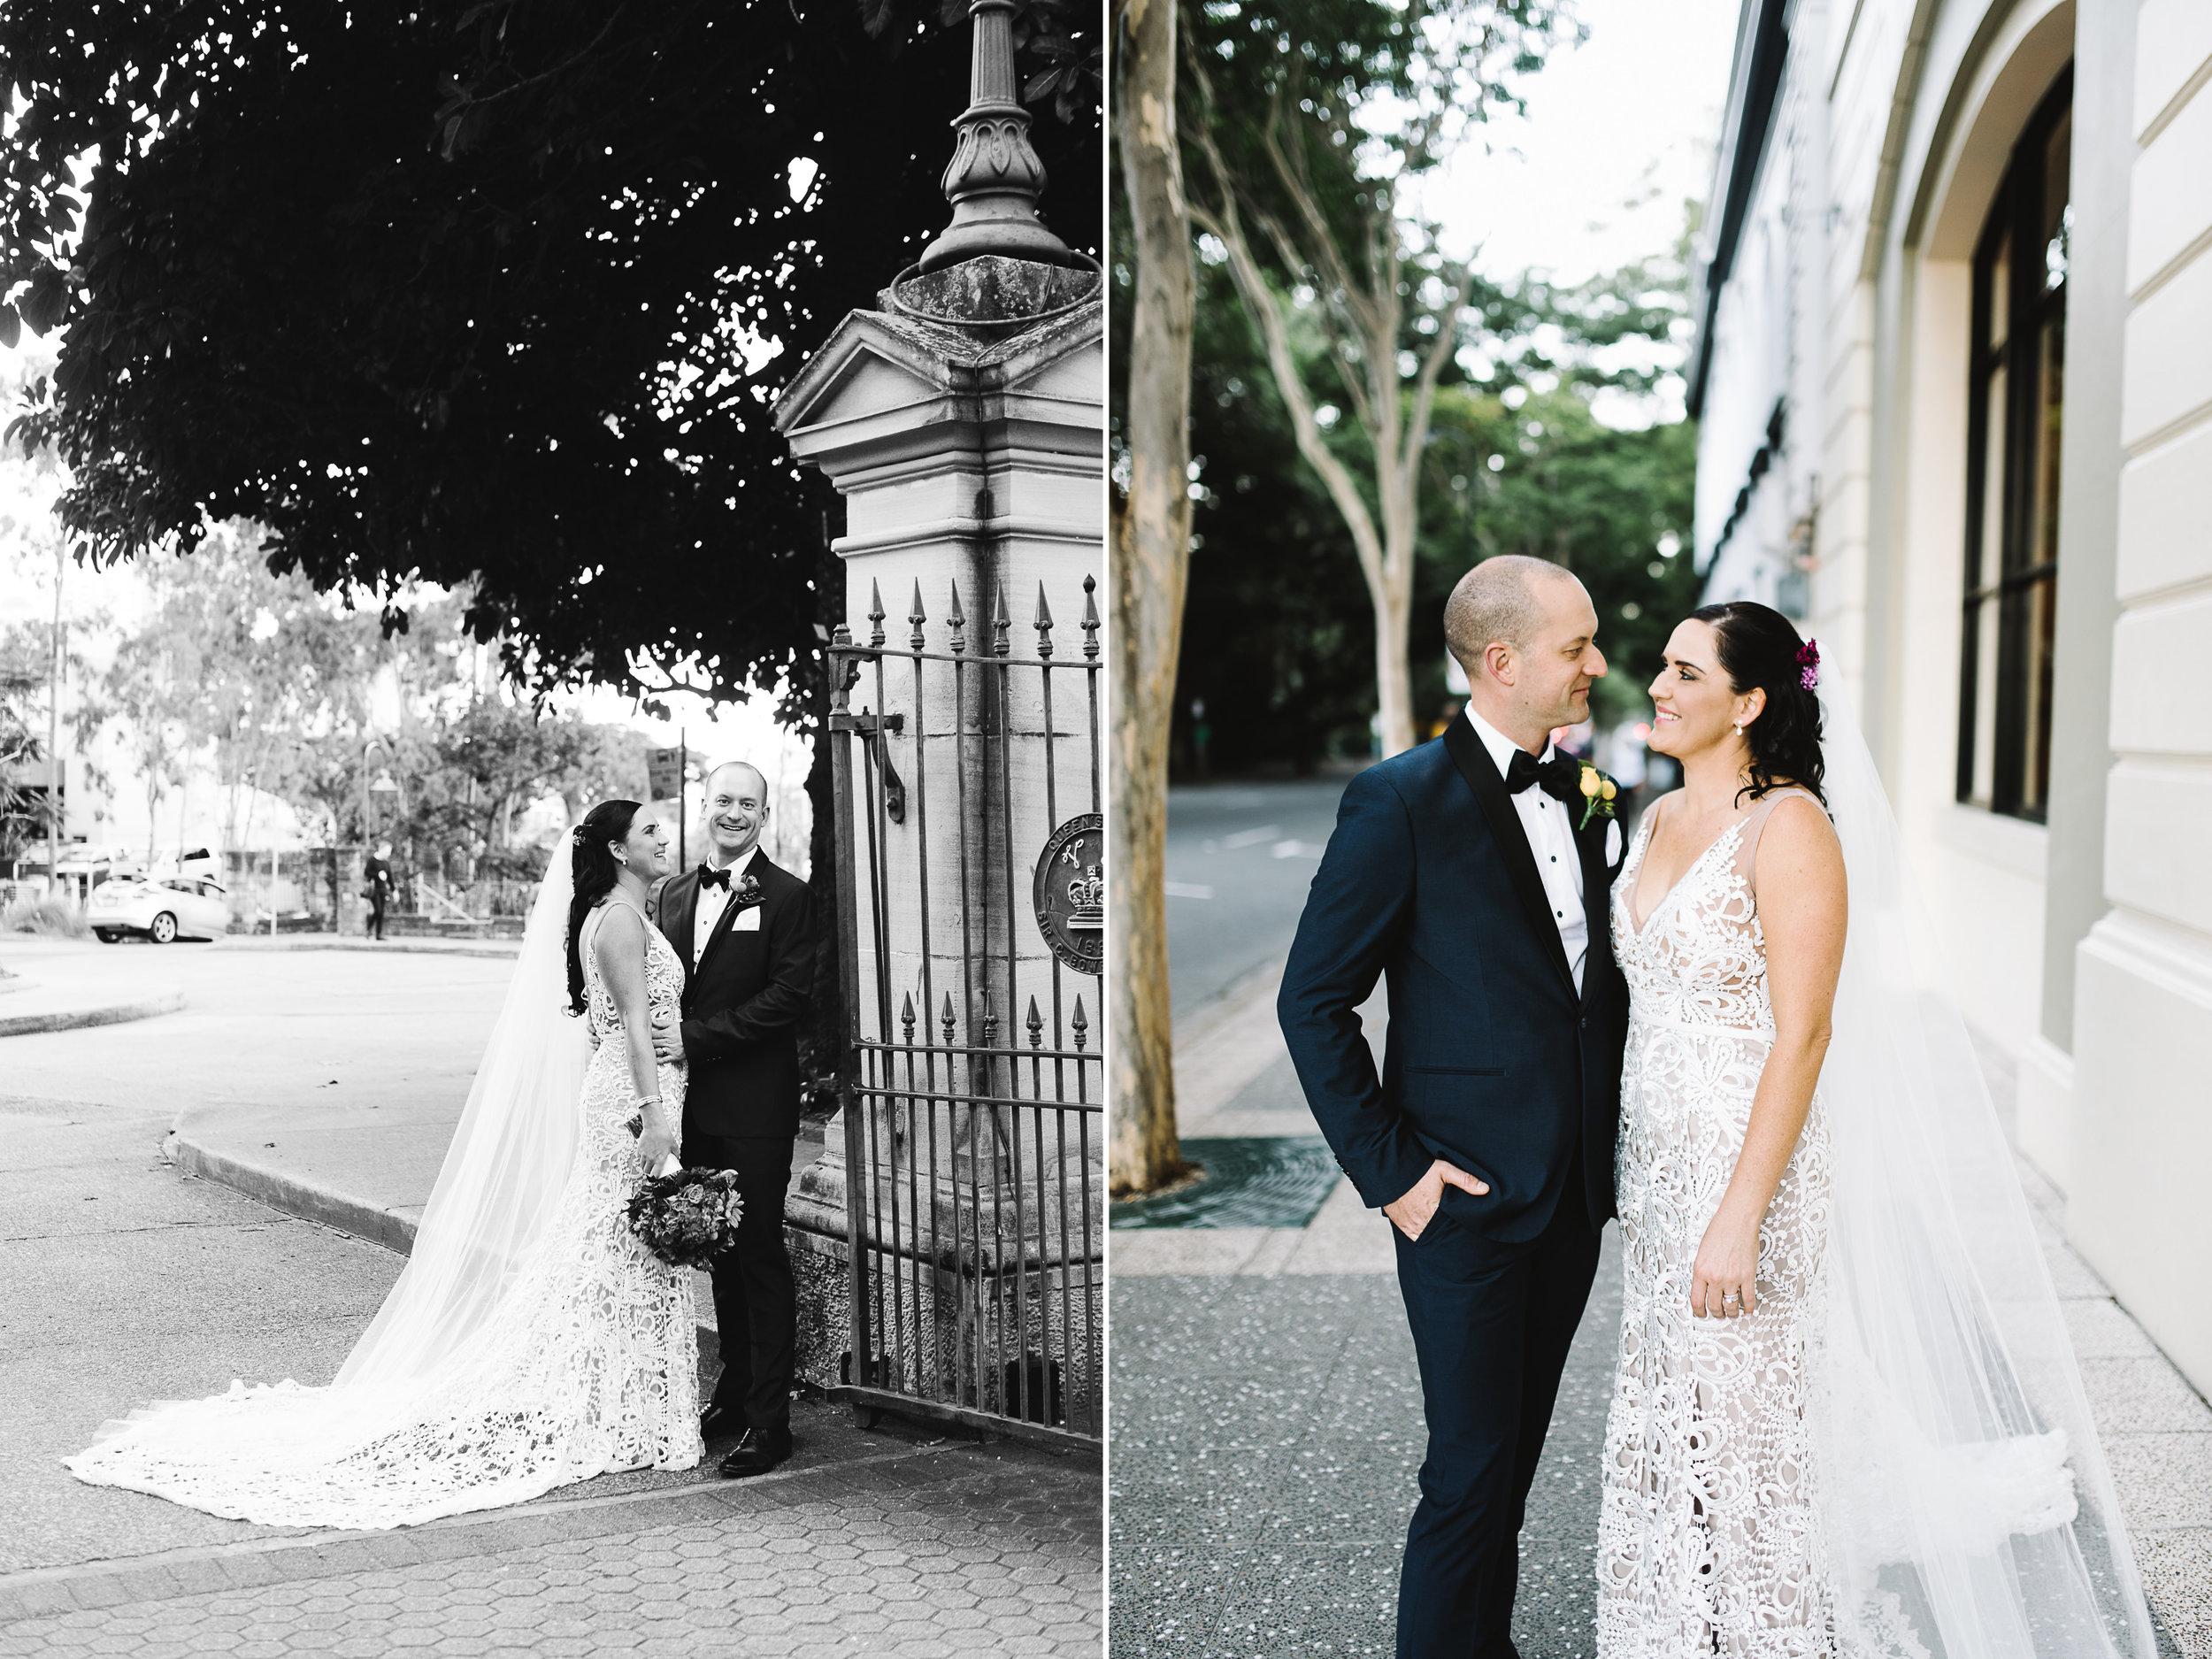 stamford-plaza-brisbane-wedding-18.jpg